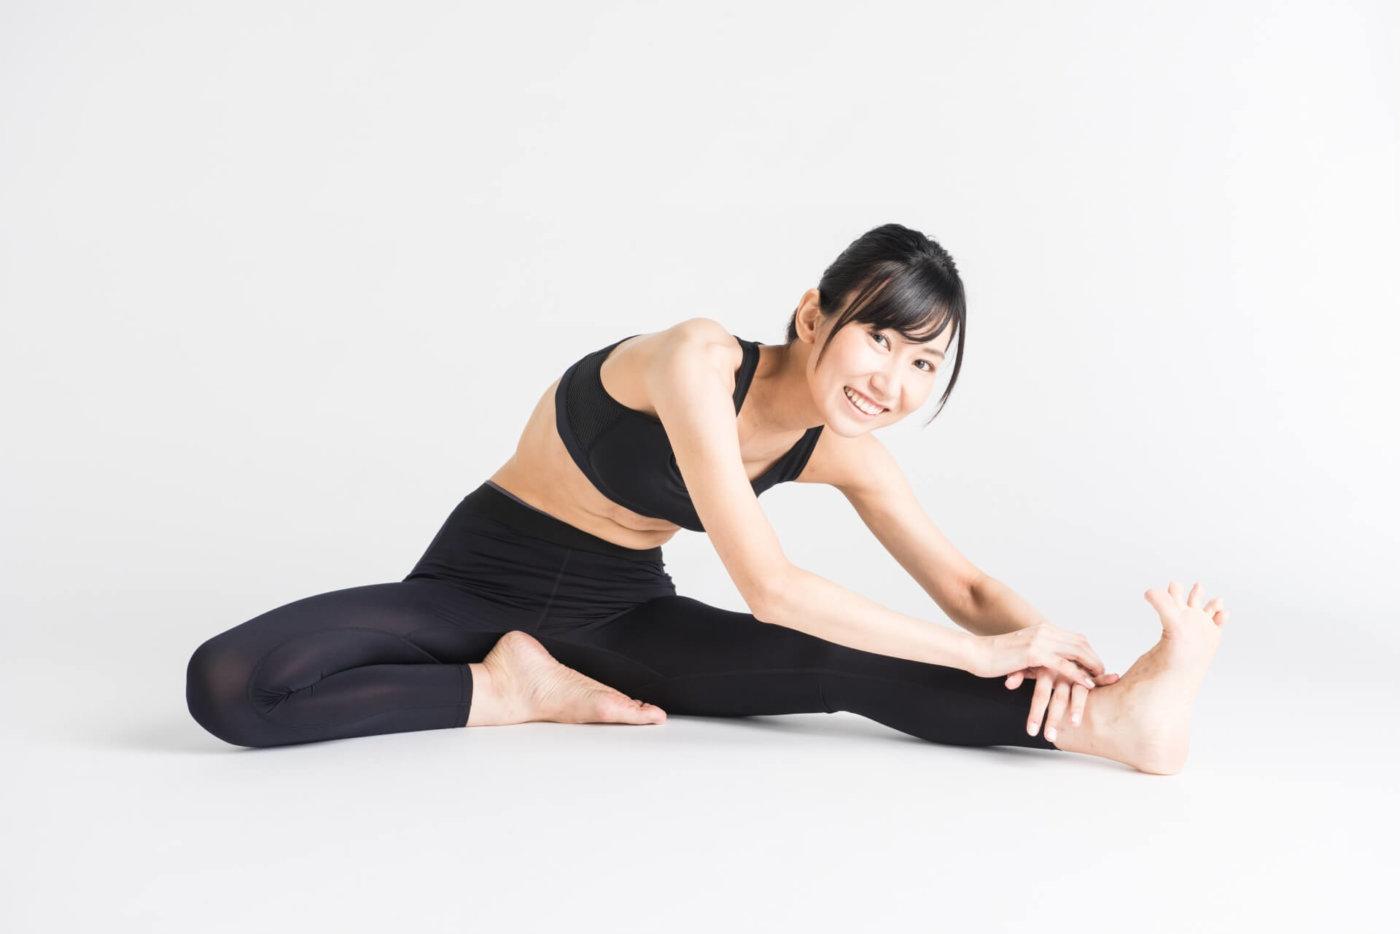 ランニング中の怪我を防ぐ効果的なストレッチ方法